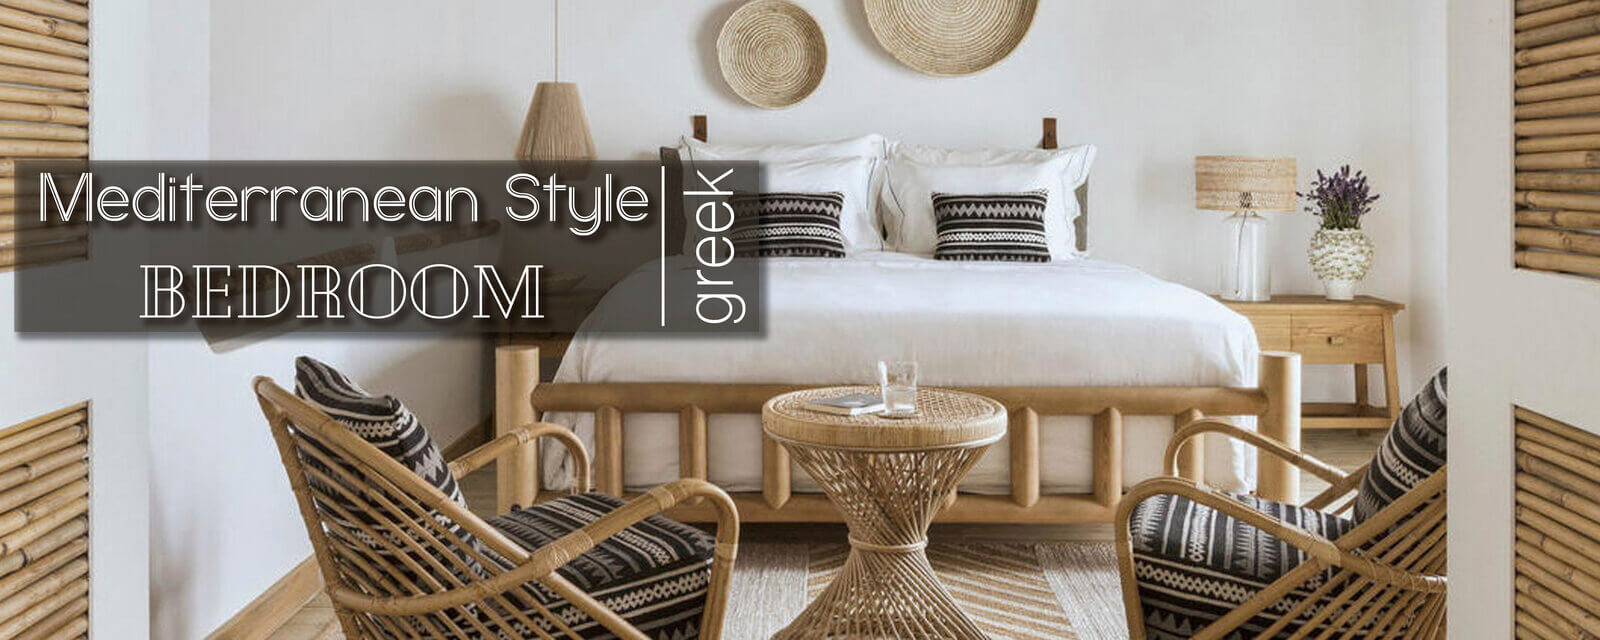 Greek Mediterranean Style | Bedroom